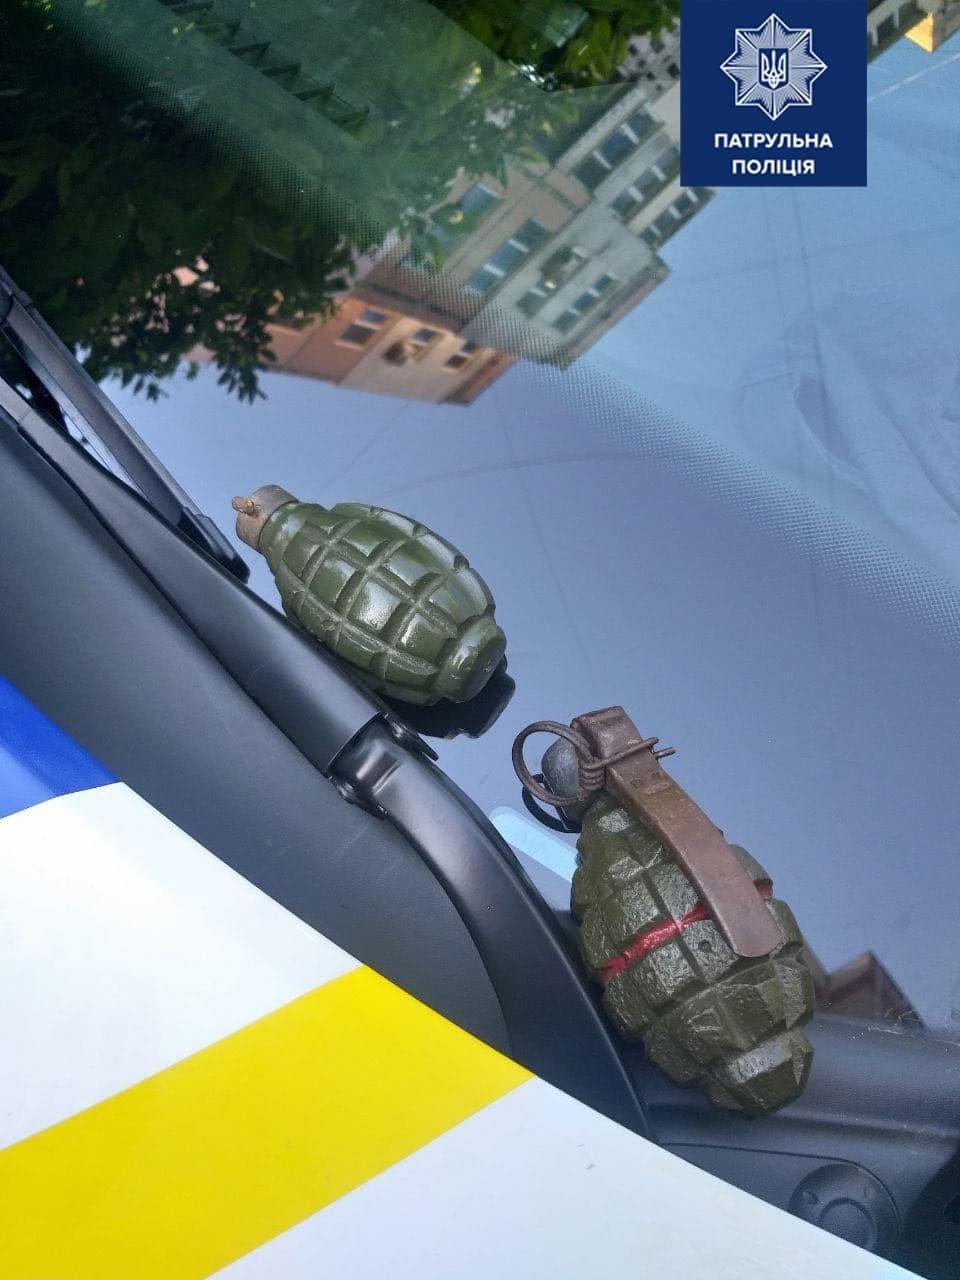 В Одессе полиция задержала мужчину за учебные гранаты, - ФОТО, фото-1